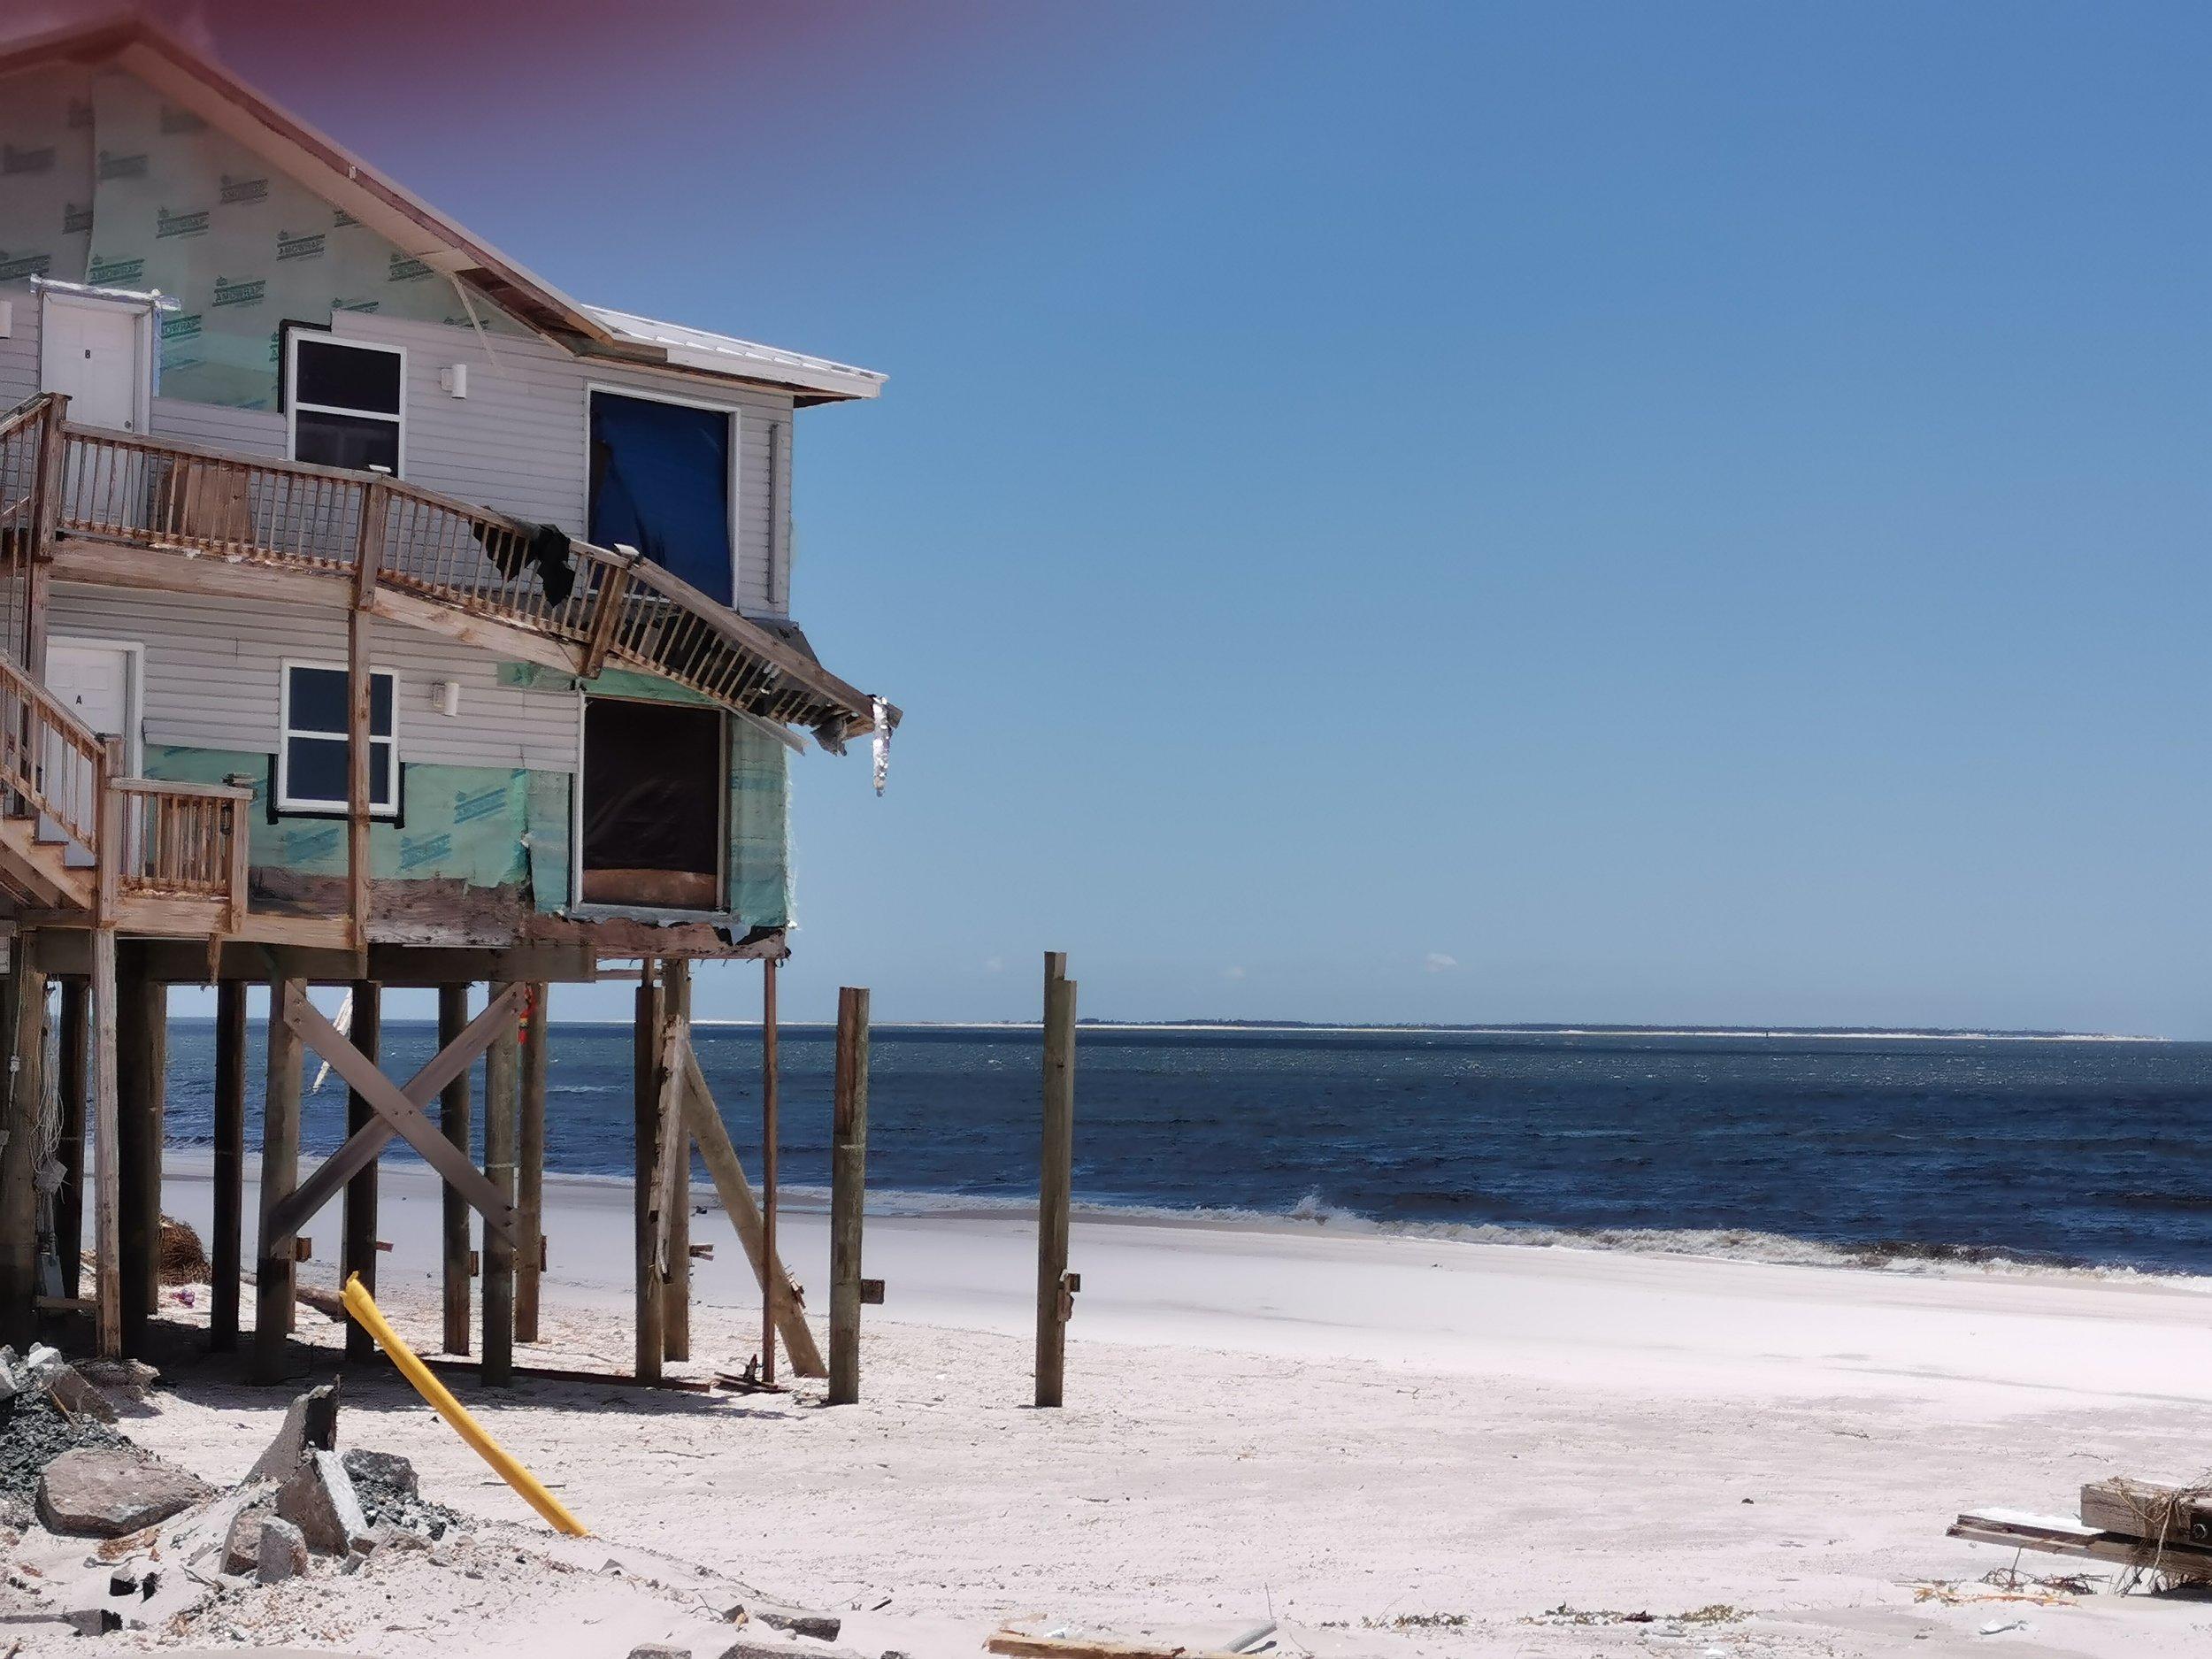 Damaged beach house